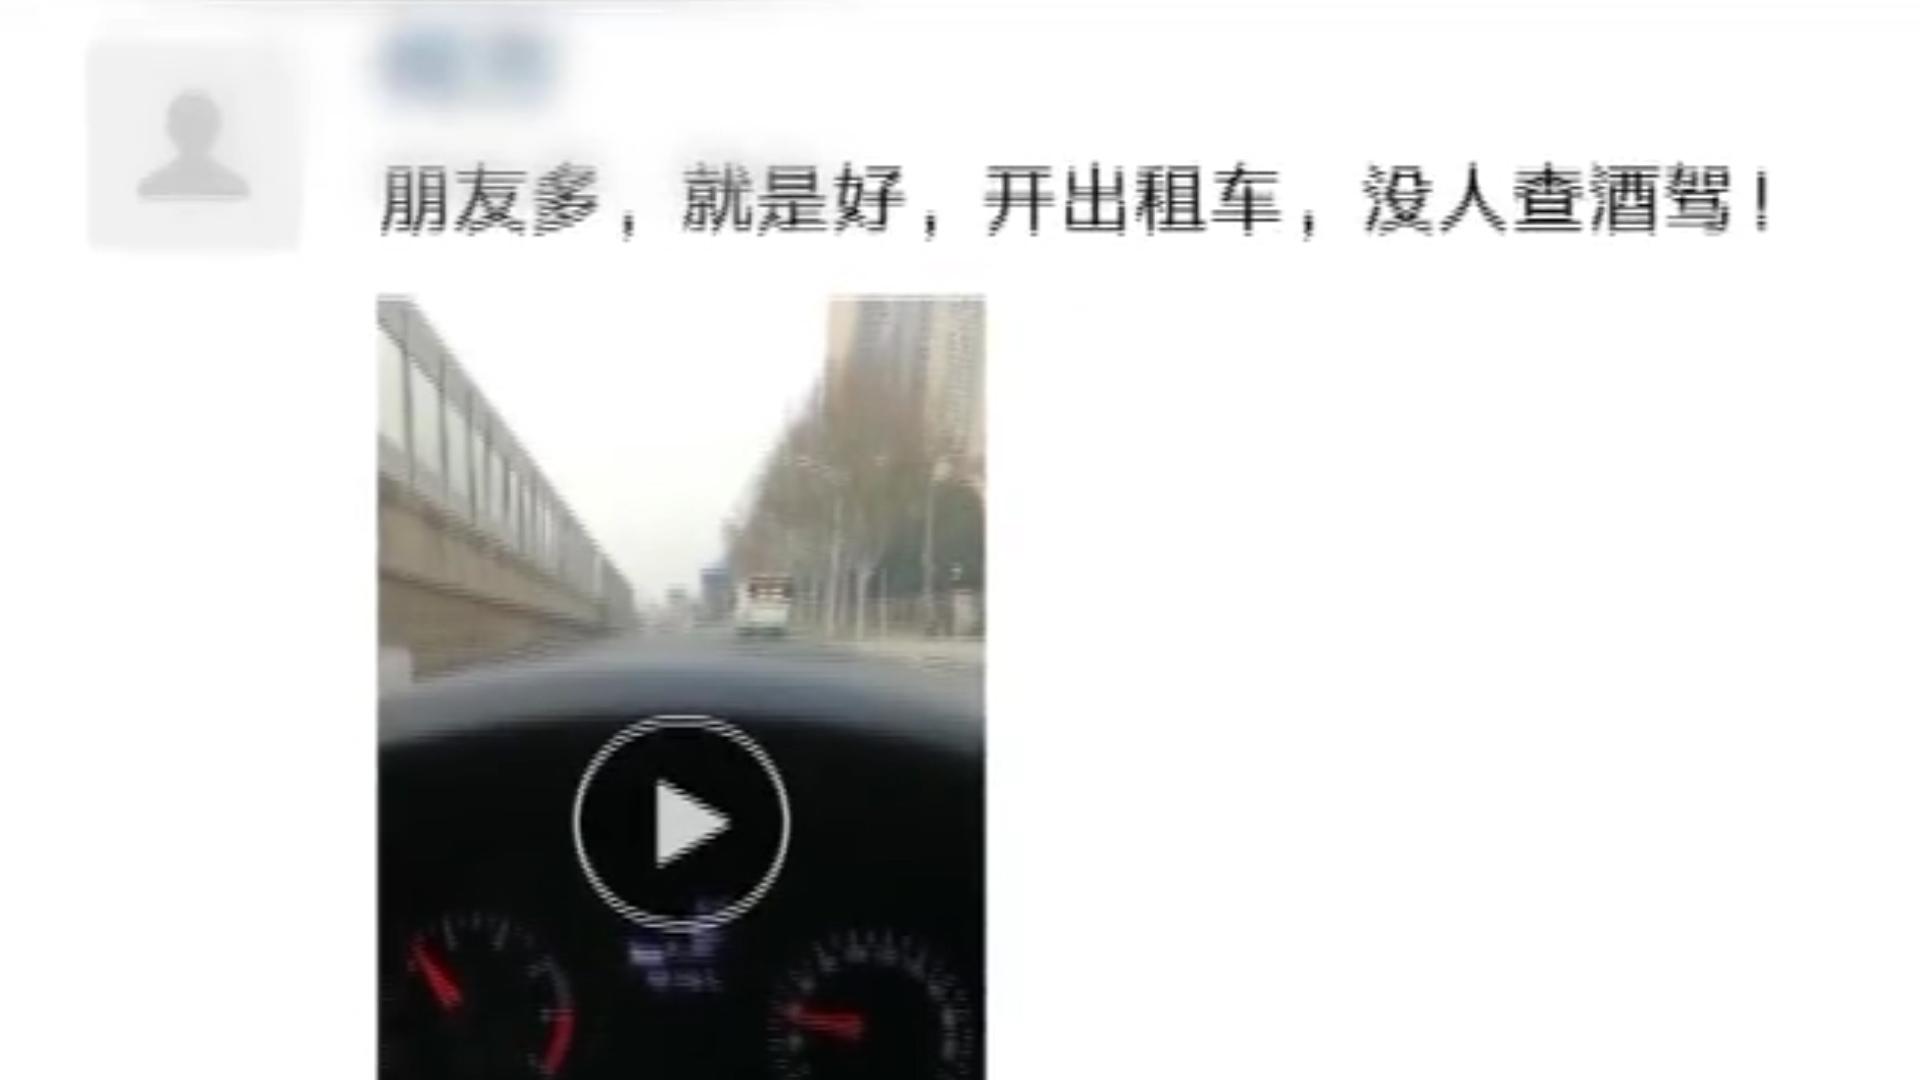 """34秒丨出租车不查酒驾?无知男子违法还""""晒""""朋友圈揽生意"""